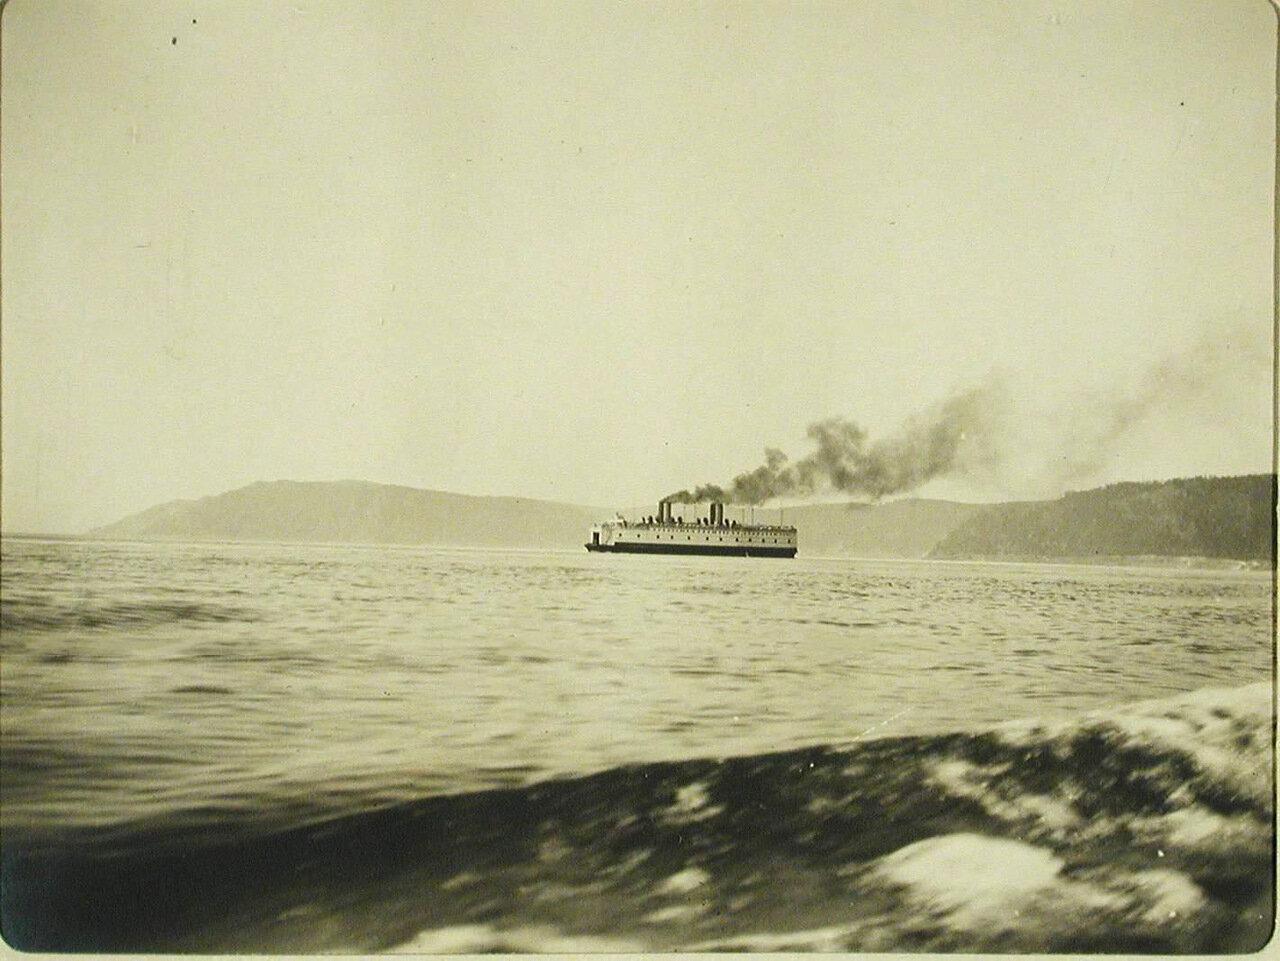 33. Вид одного из ледоколов на озере после начала навигации